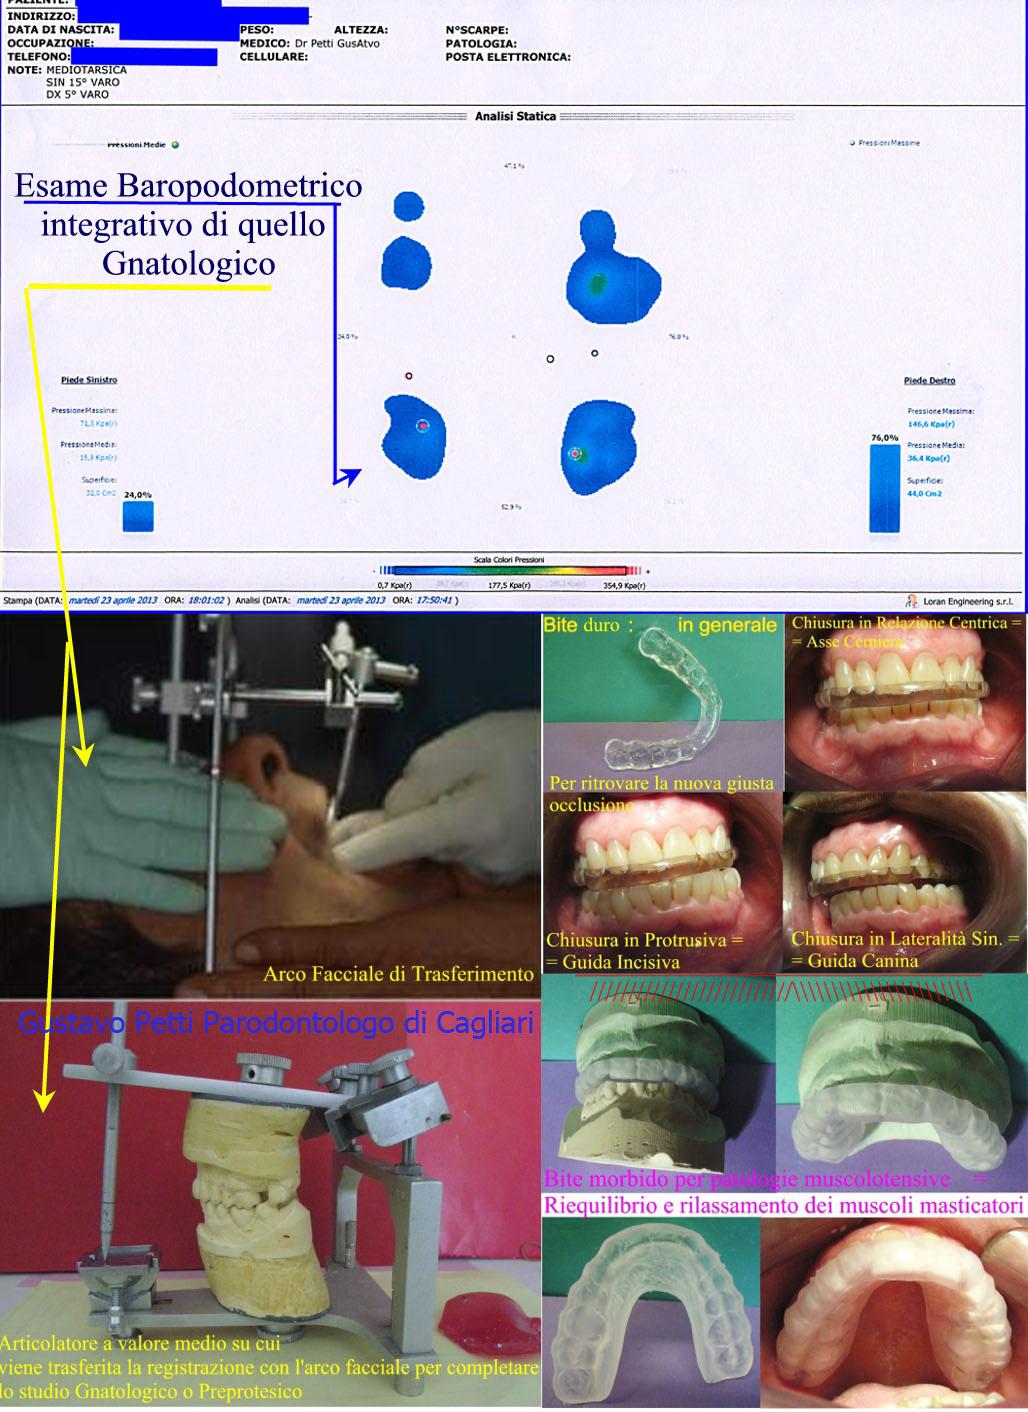 analisi-gnatologica-dr-g.petti-cagliari-610.jpg